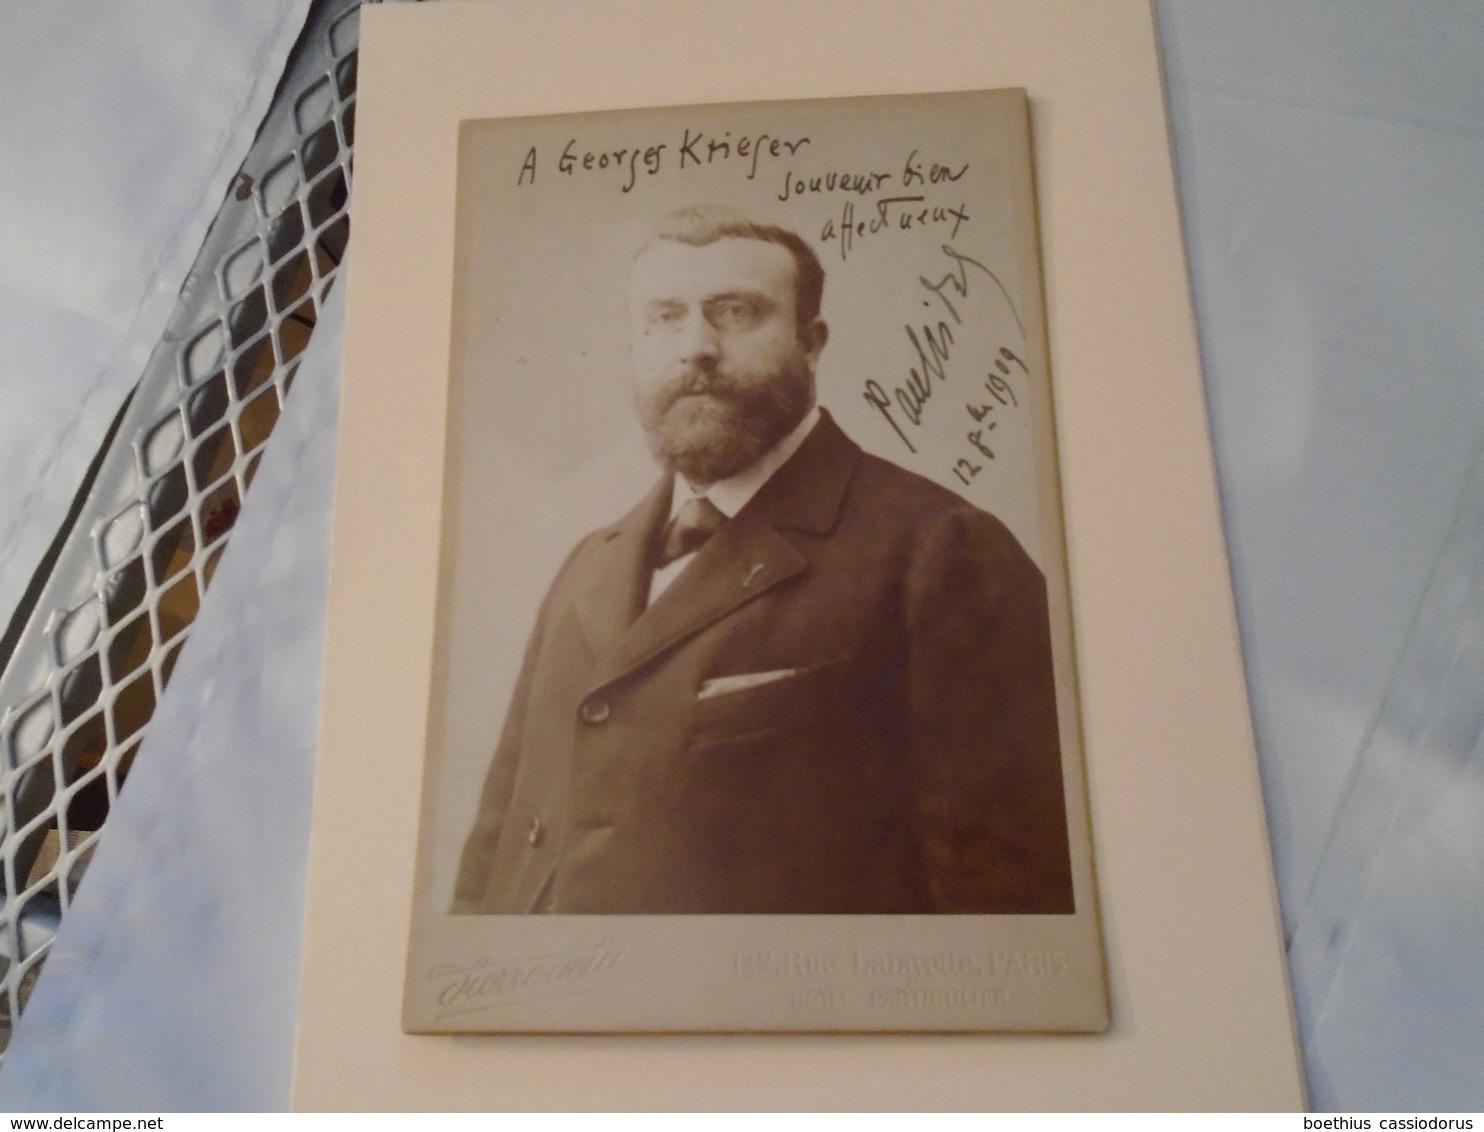 PORTRAIT 11 X 16,5 Cm Dédicacé Du Compositeur Paul Vidal Au Compositeur Georges Krieger En 1909 Photographe Pierre Petit - Autogramme